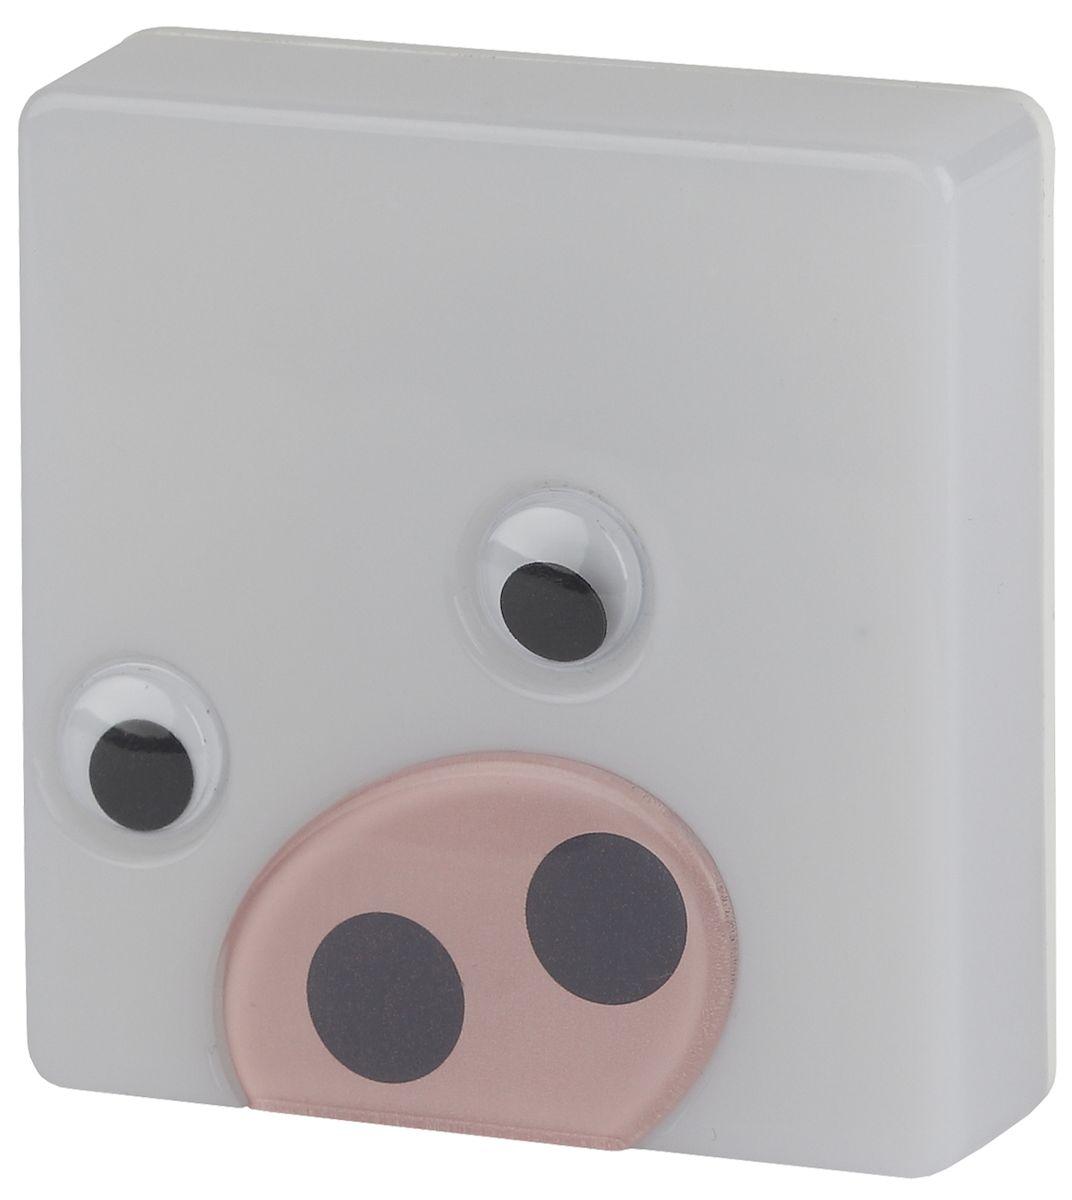 Ночник ЭРА NN-631-LS-P, цвет: розовыйNN-631-LS-PНочник со светодиодами (LED) в качестве источников света.C сенсором (включается автоматически, когда становится темно).Со съемной насадкой с накладными элементами.Без насадки ночник можно использовать как обычный ночник нейтрального дизайна.Блистерная упаковка с открытой вилкой.